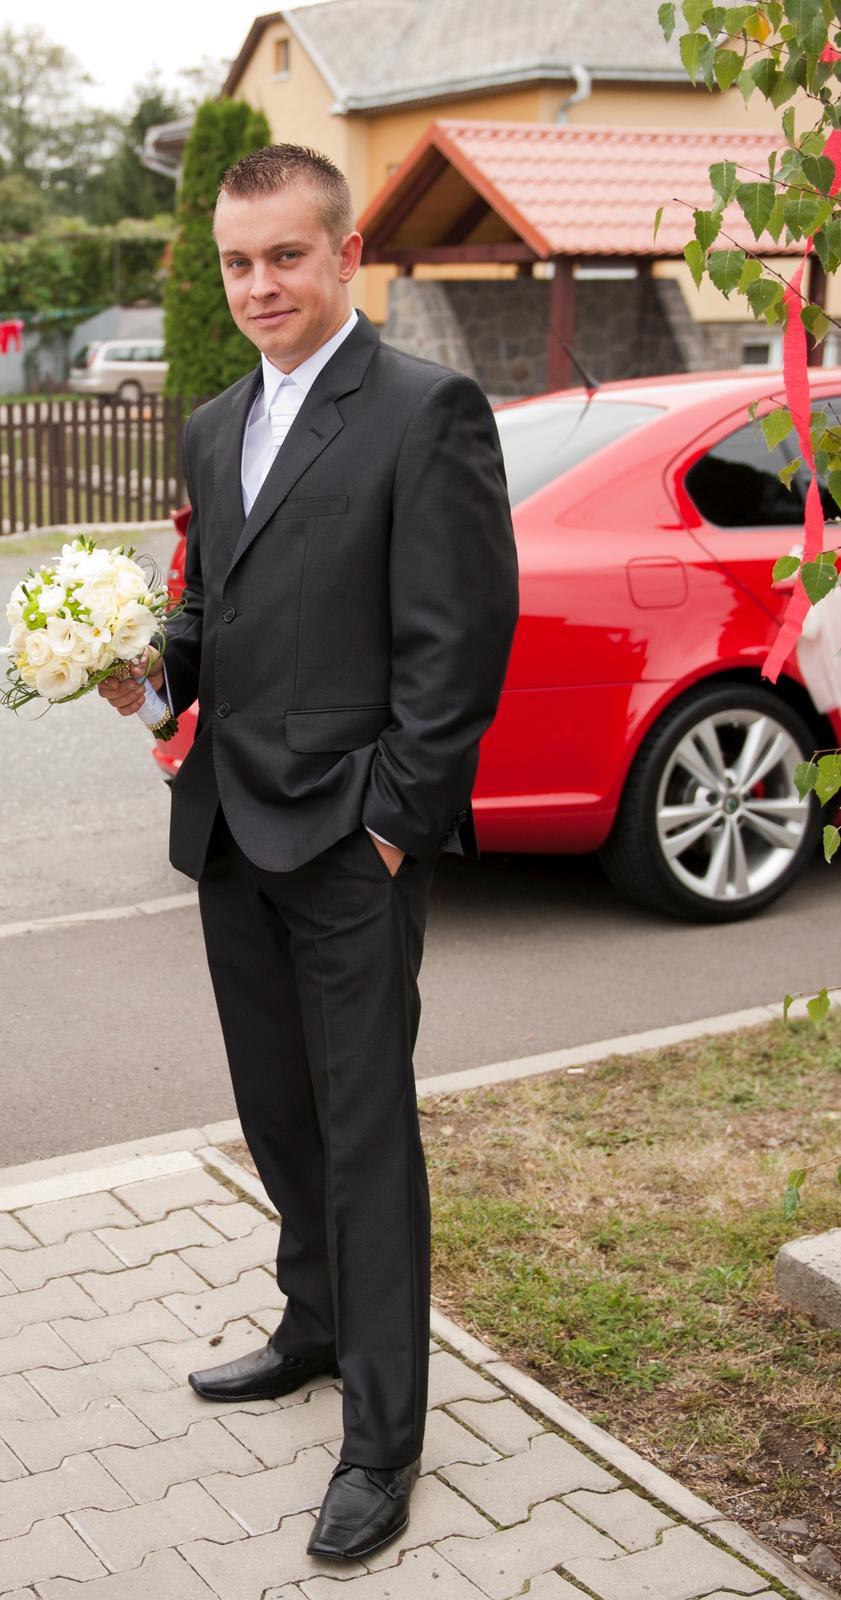 Pánsky svadobný oblek - Obrázek č. 1